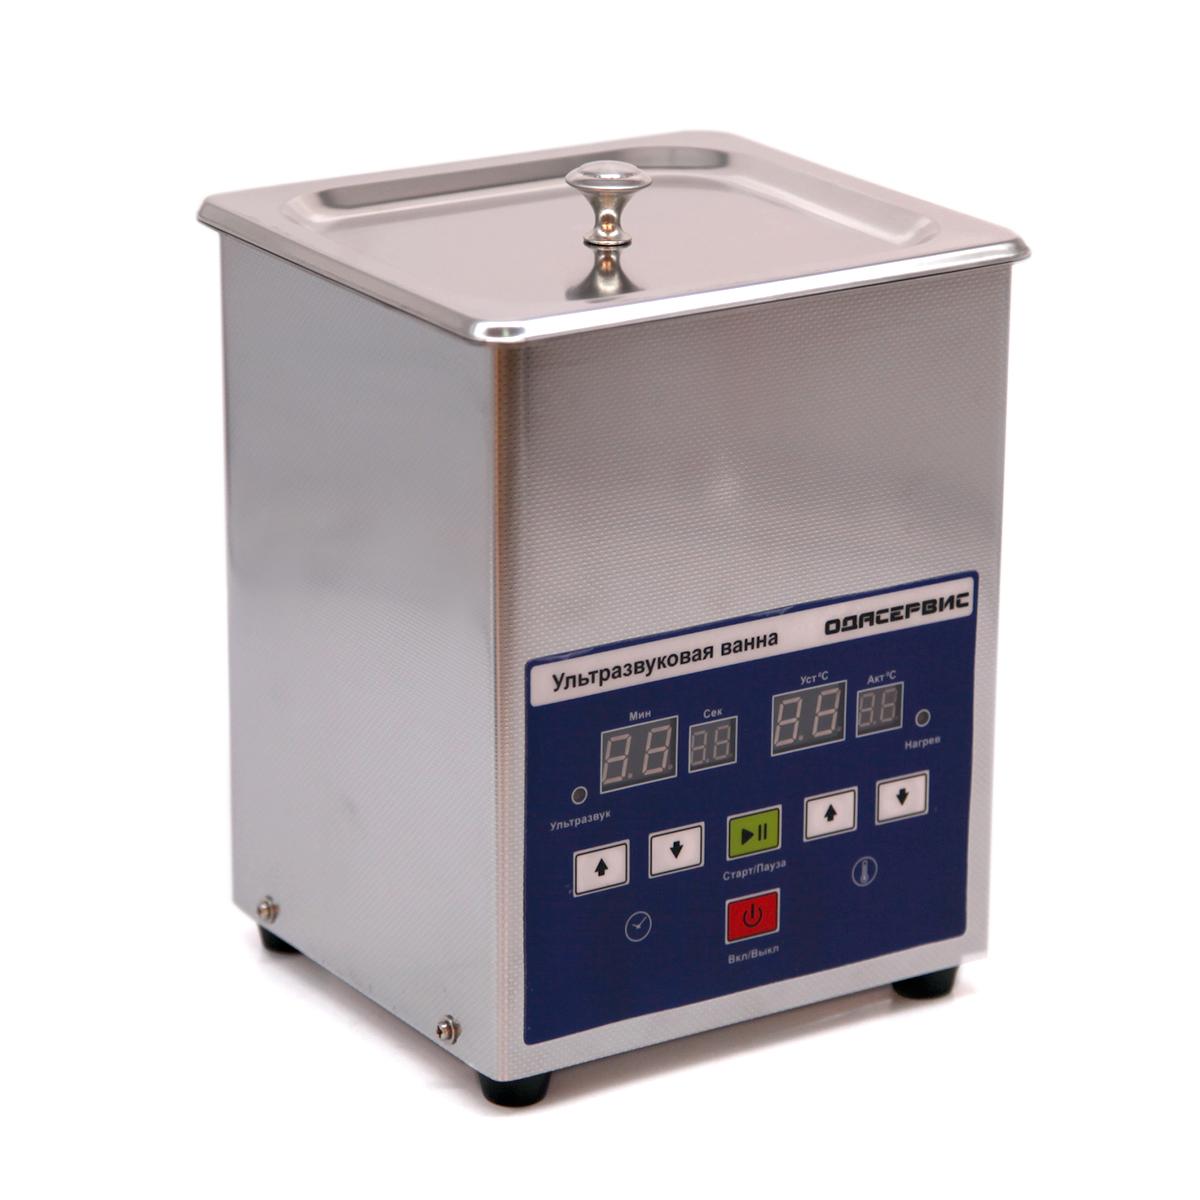 Ультразвуковая ванна с цифровым управлением и подогревом, 1.3 л ОДА Сервис ODA-LQ13